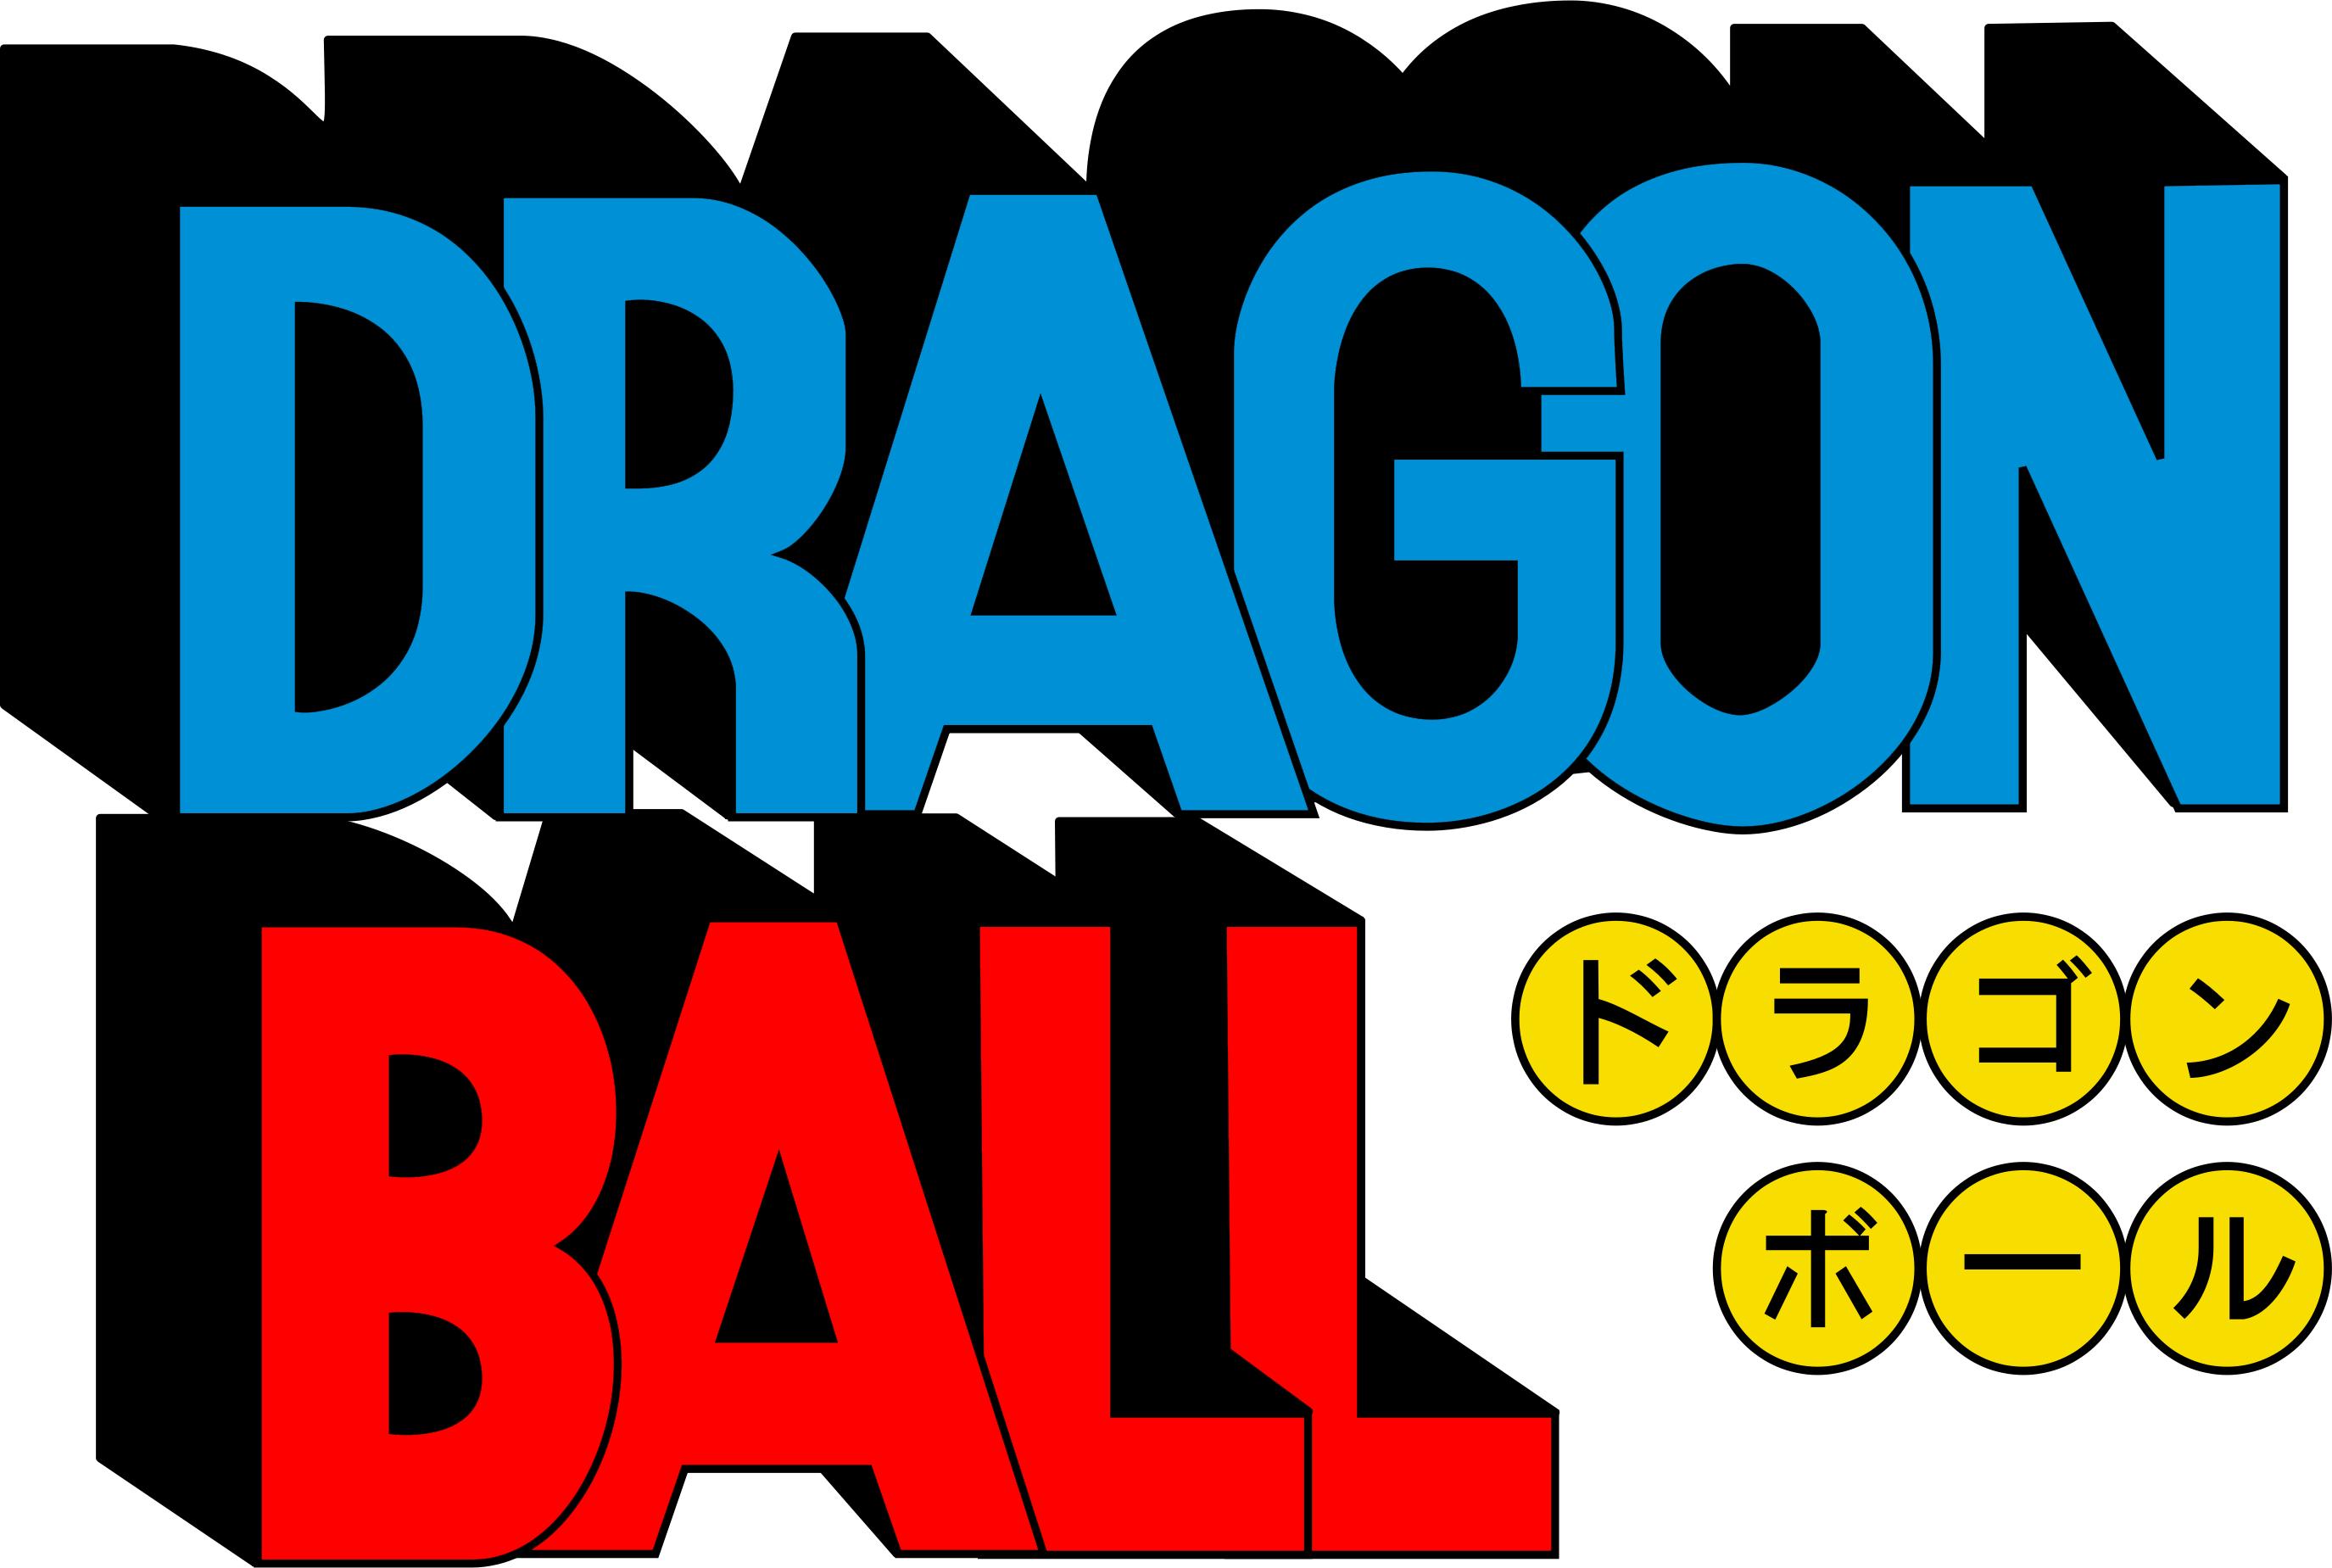 File:Dragon Ball anime logo.png.